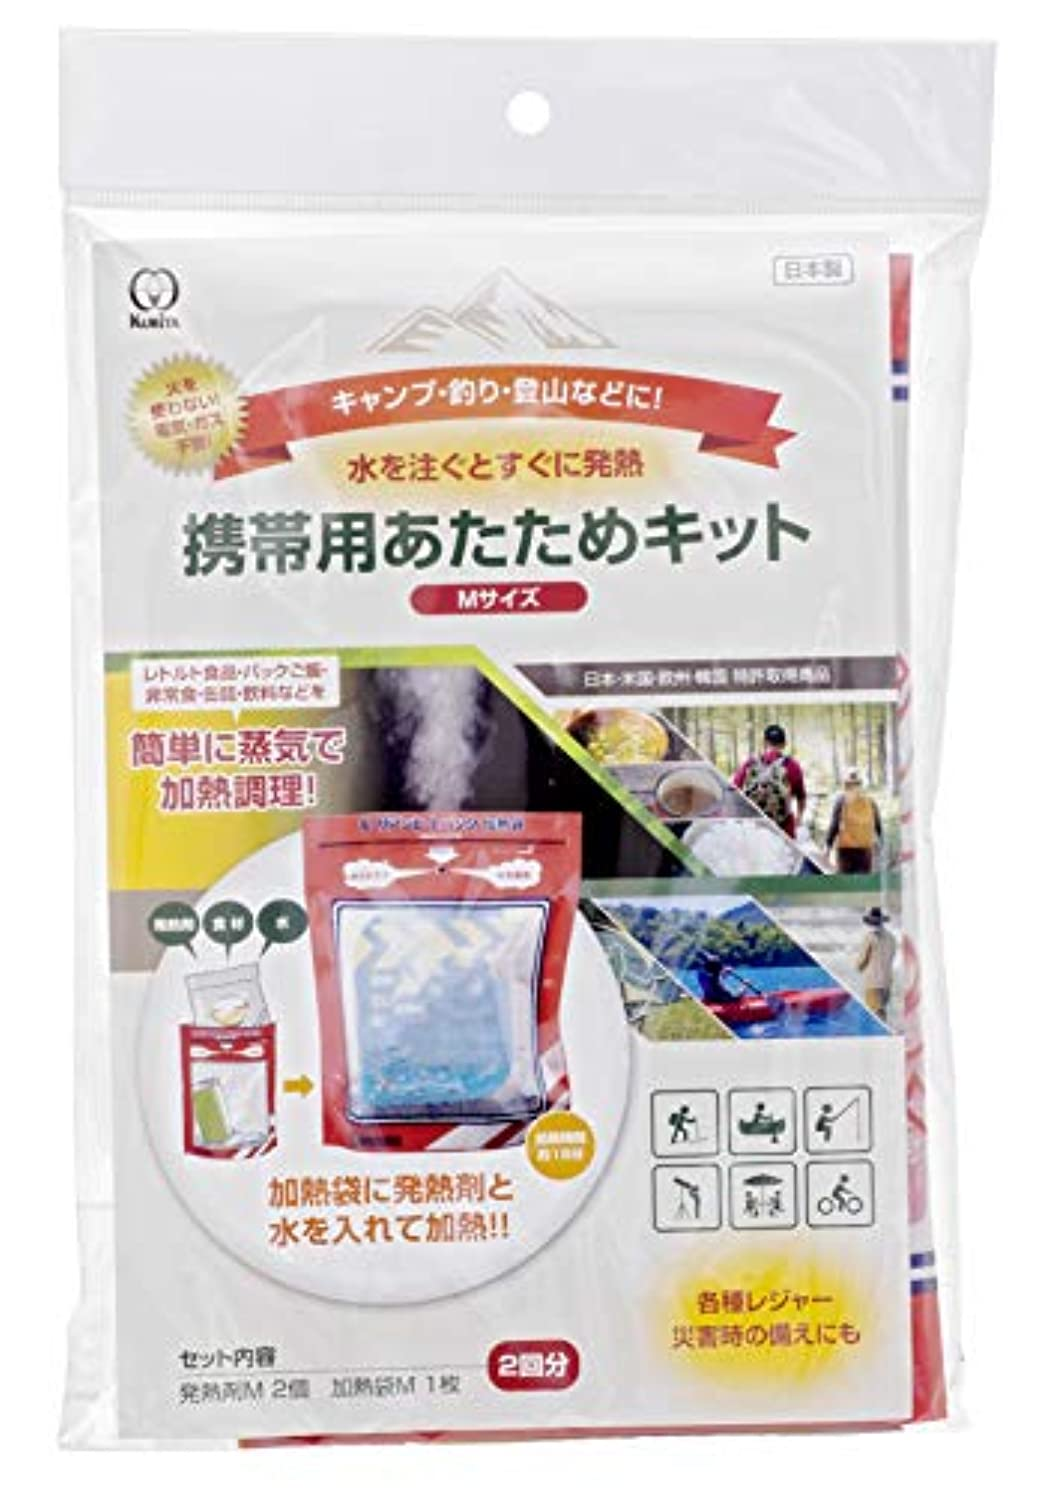 強盗描くなかなかクリタック(Kuritac) 携帯用 あたため キット M KAKM-5061 KAKM-5061